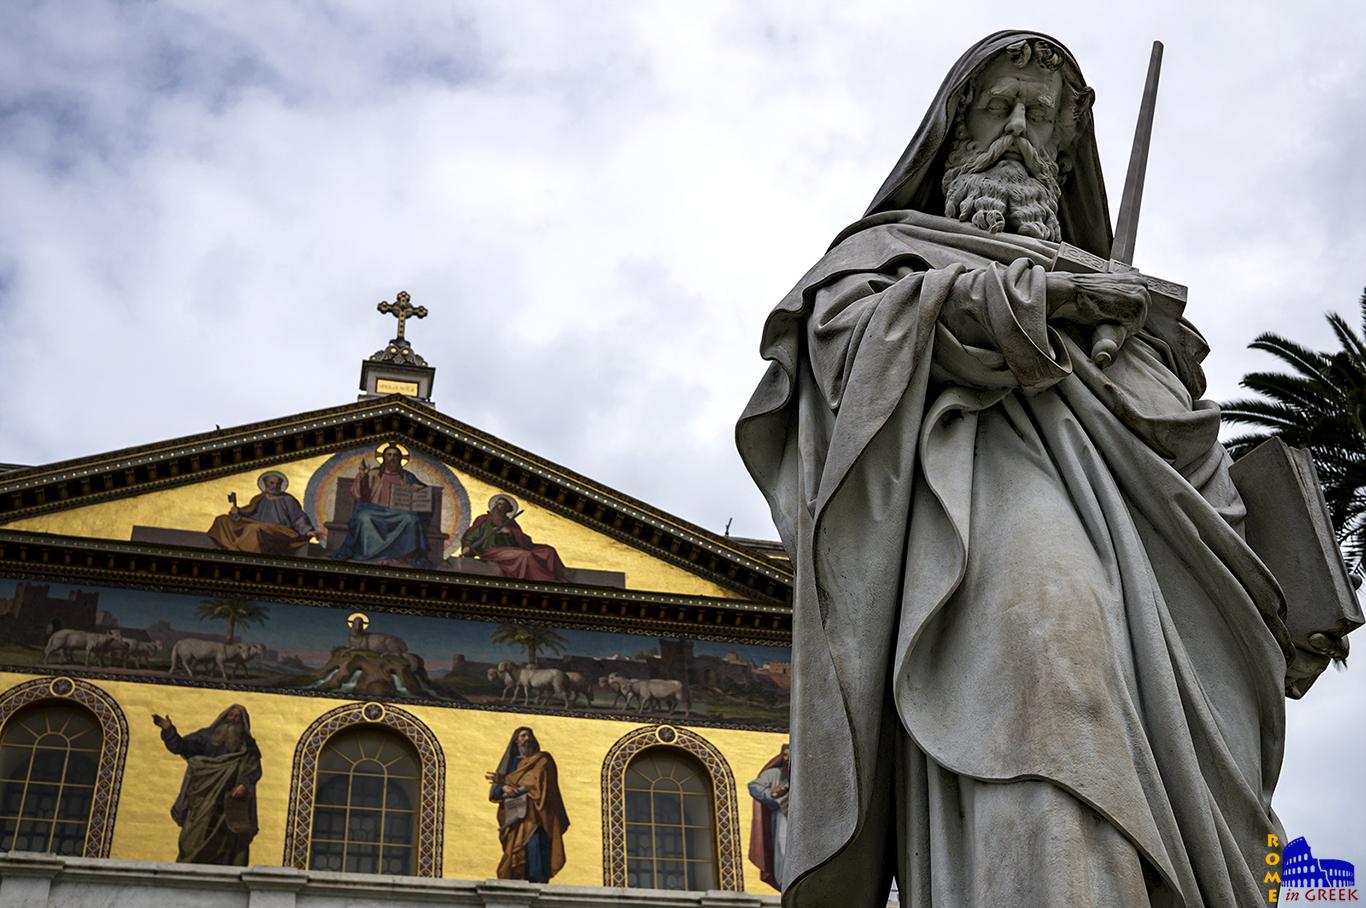 Άγιος Παύλος Εκτός των Τειχών, κιόστρο